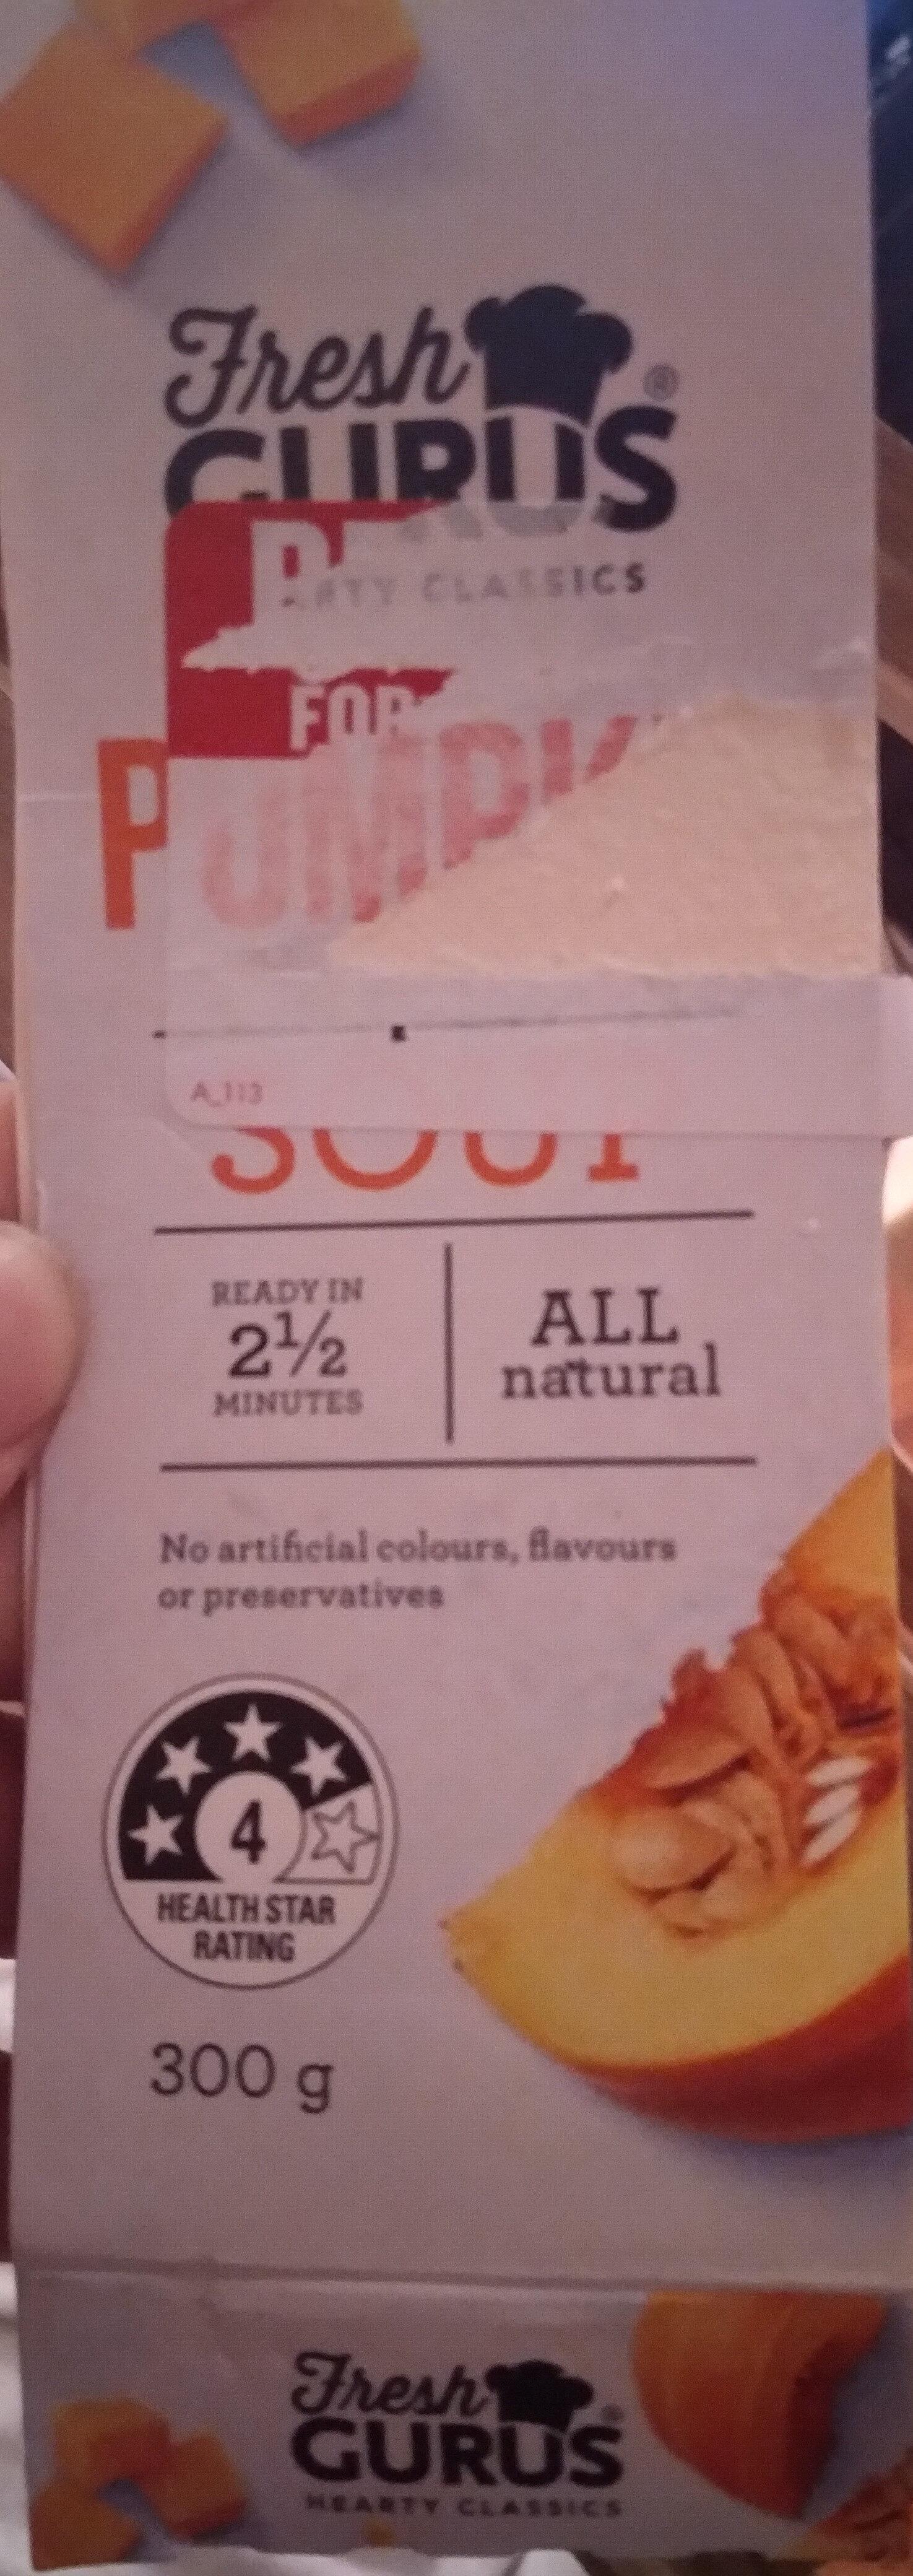 Pumpkin Soup - Product - en